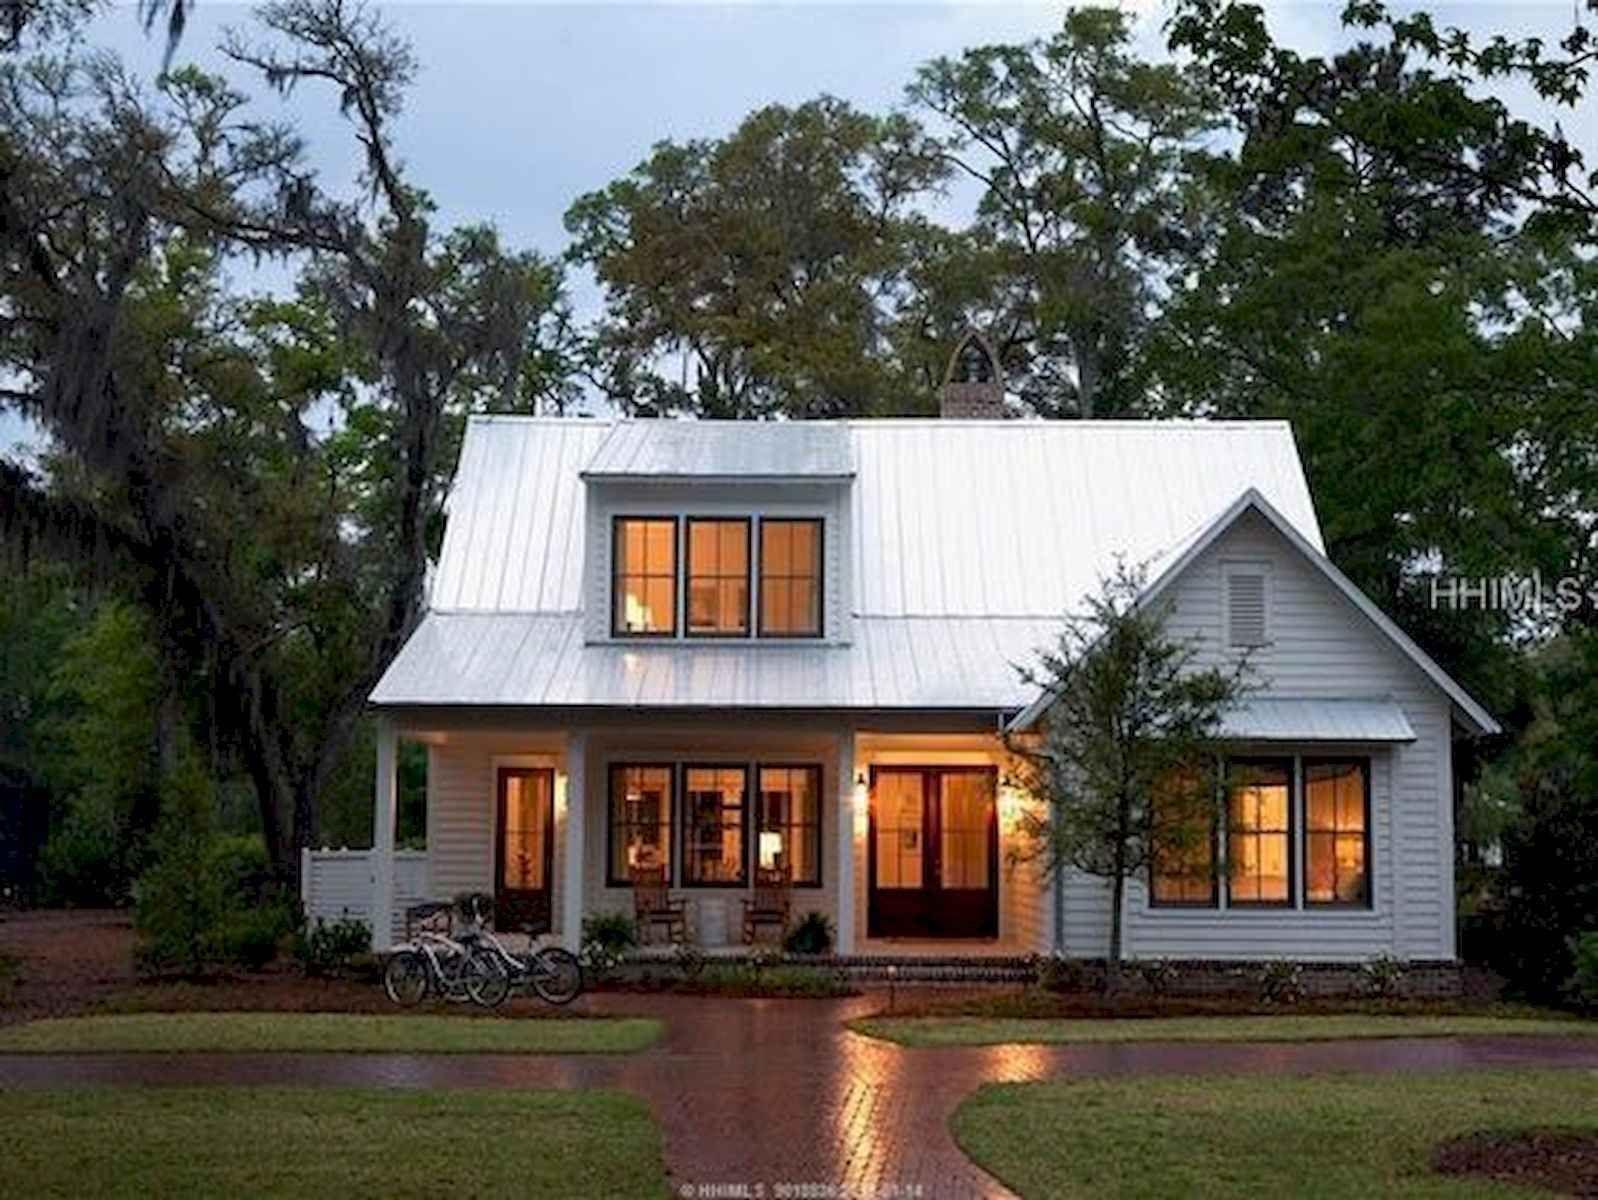 40 Best Bungalow Homes Design Ideas 12 Livingmarch Com Modern Farmhouse Plans Dream House Exterior Bungalow Homes